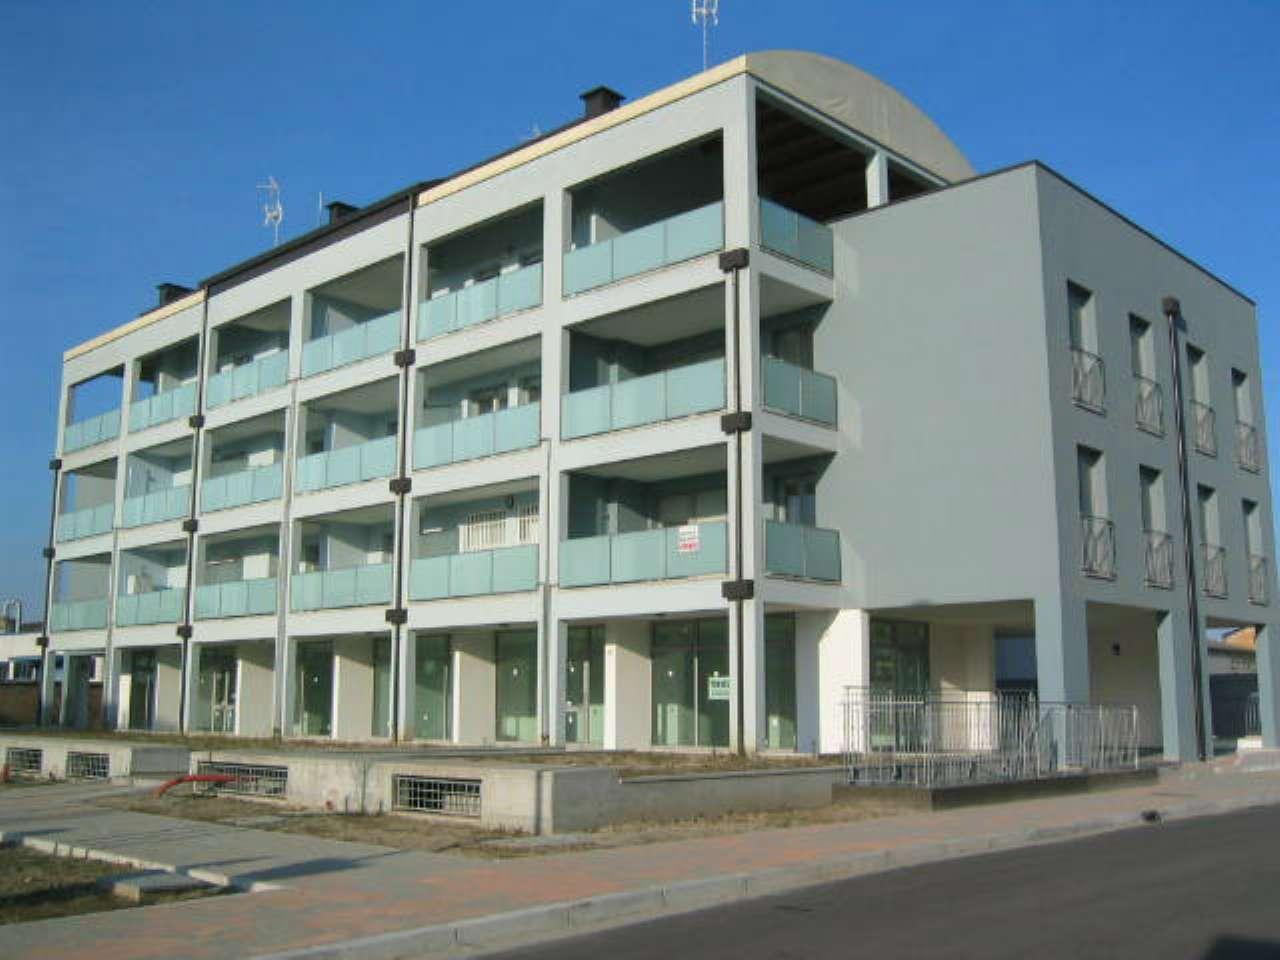 Negozio / Locale in vendita a Ravenna, 1 locali, prezzo € 270.000 | CambioCasa.it